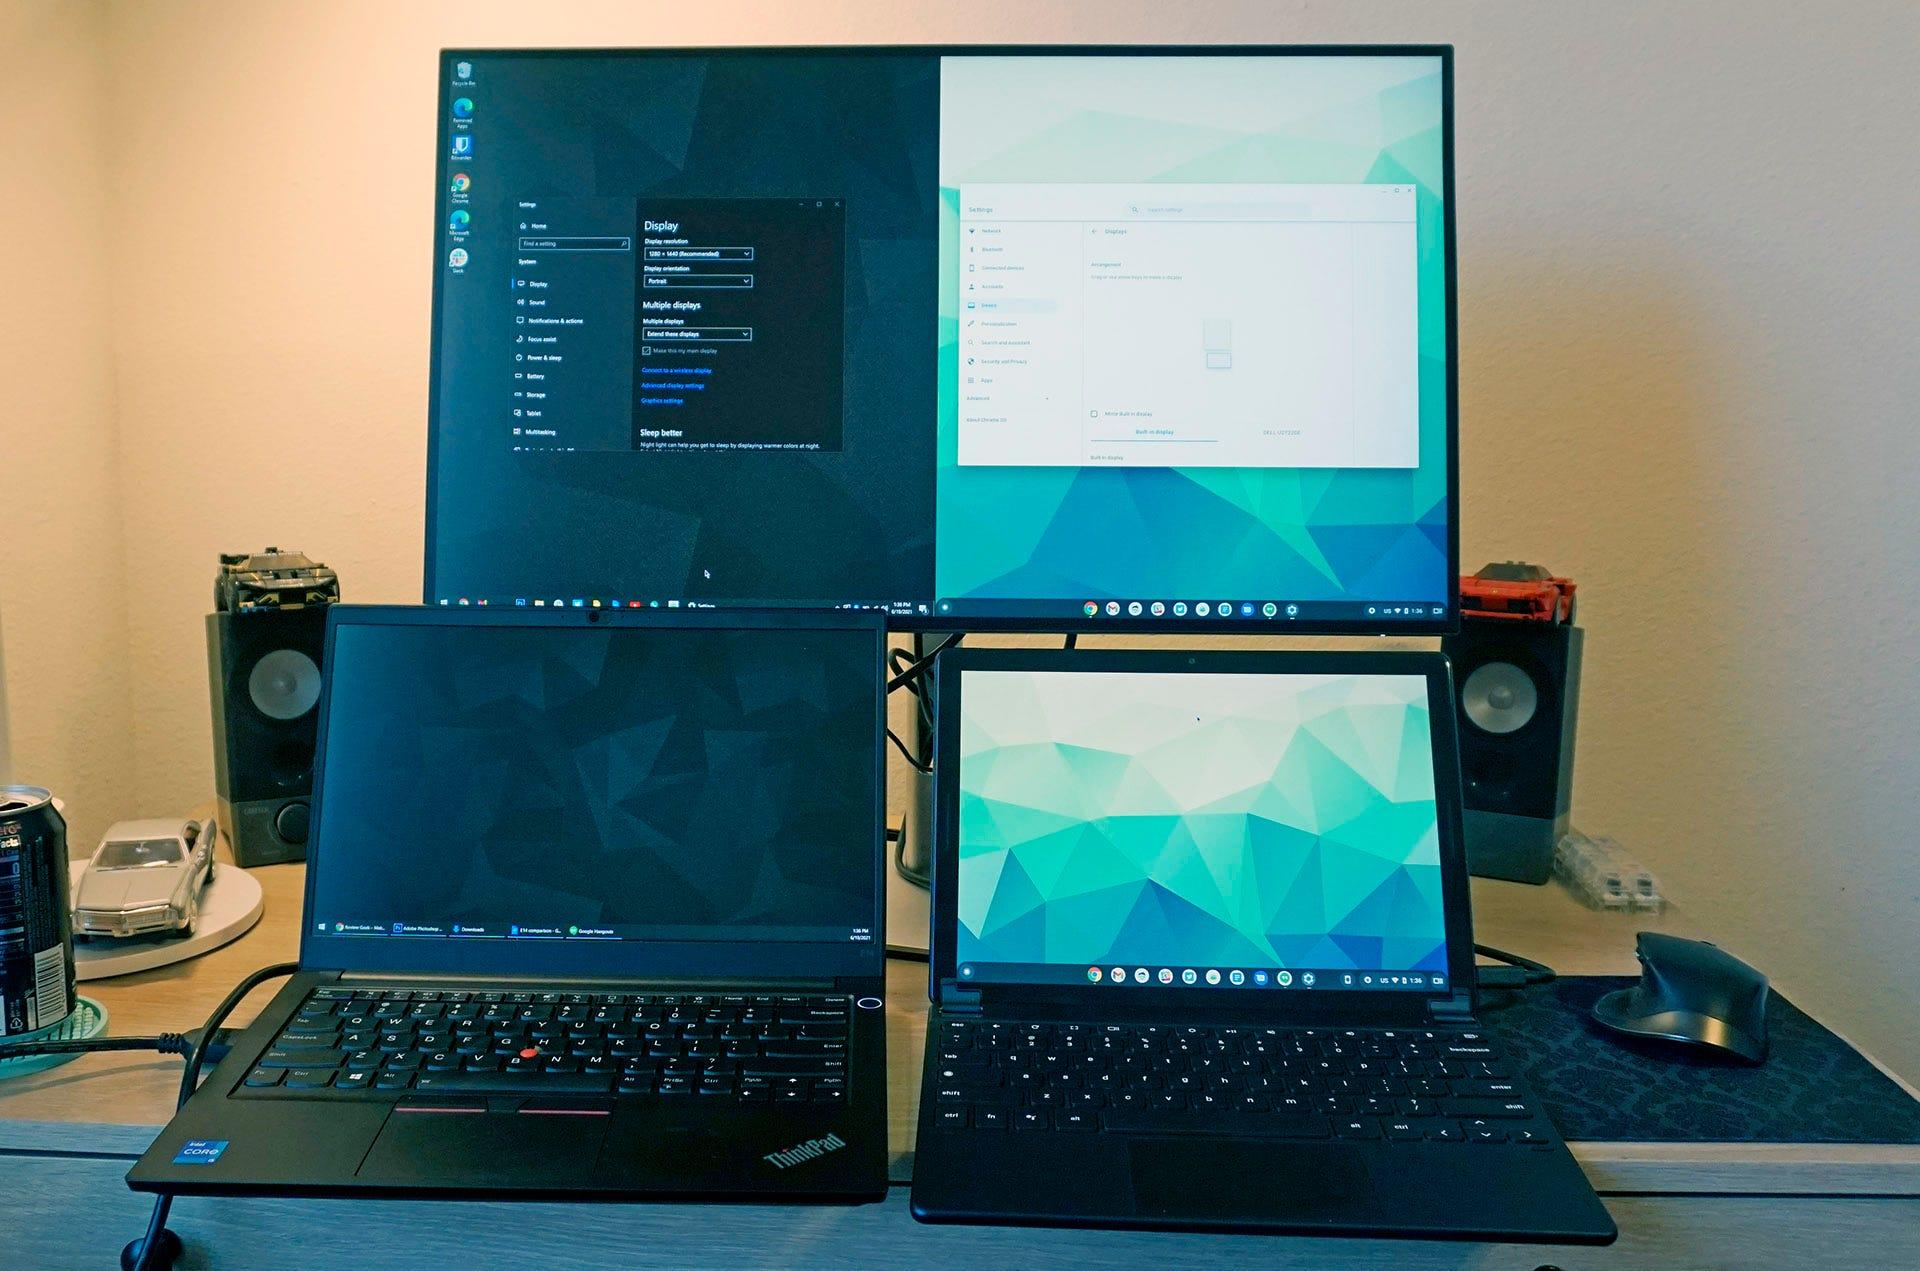 Dell Ultrasharp U2722DE in picture-in-picture mode